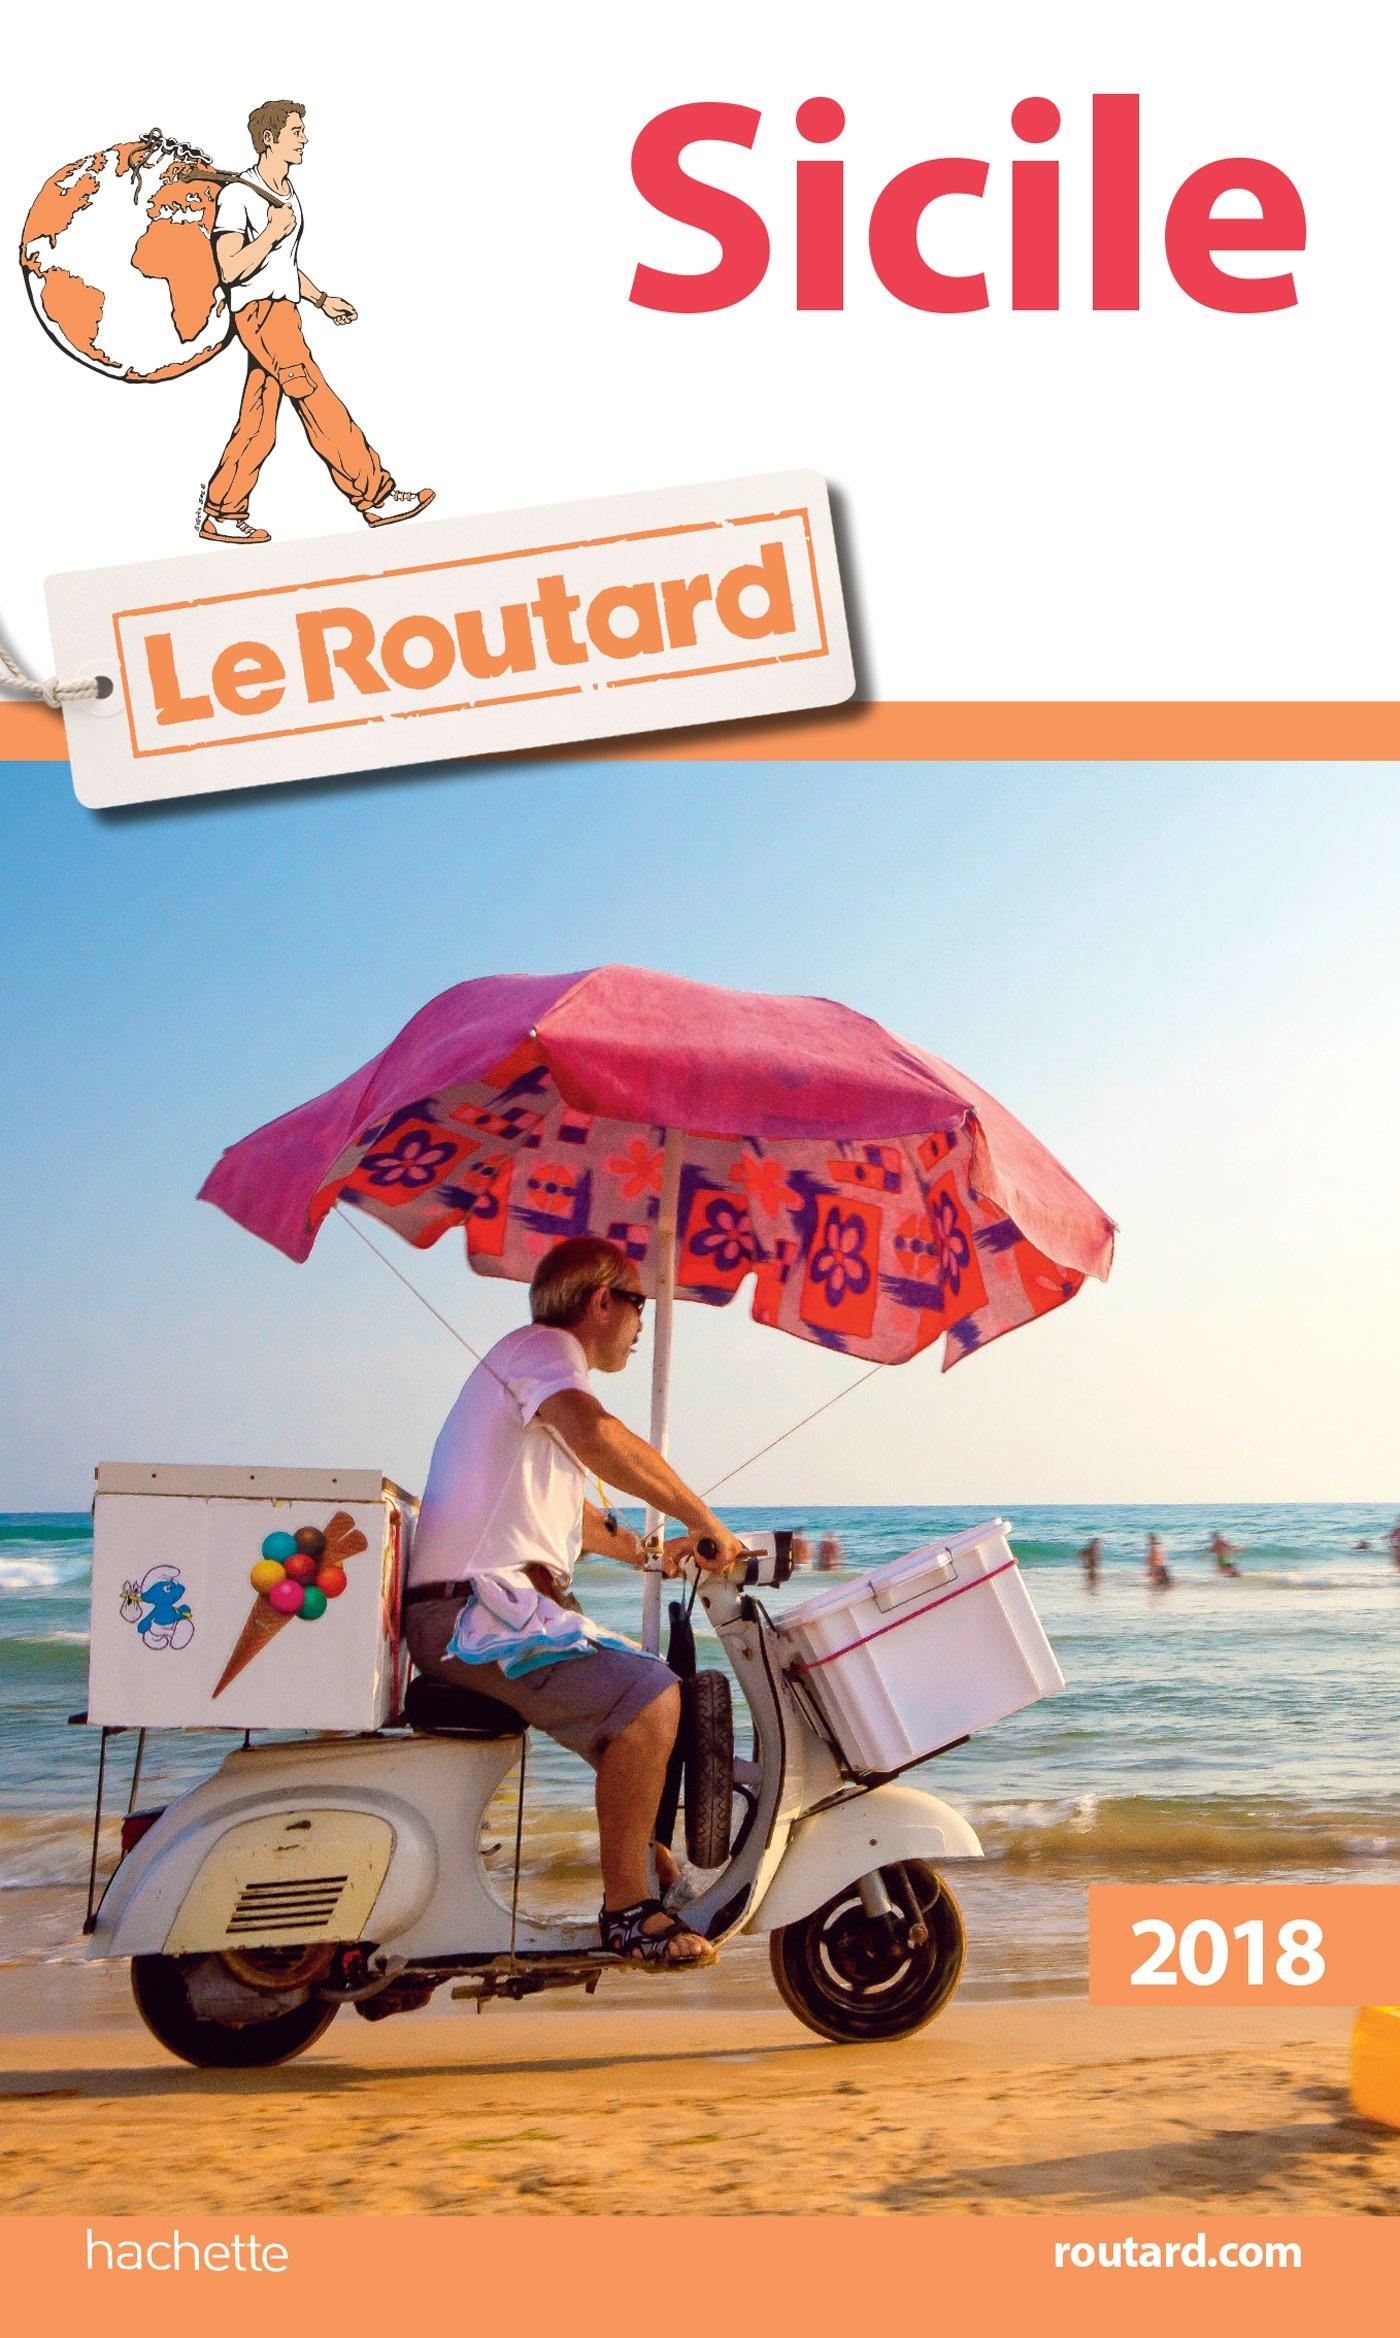 Guide du Routard Sicile 2018 Broché – 7 février 2018 Collectif Hachette Tourisme 2017033677 TRAVEL / General